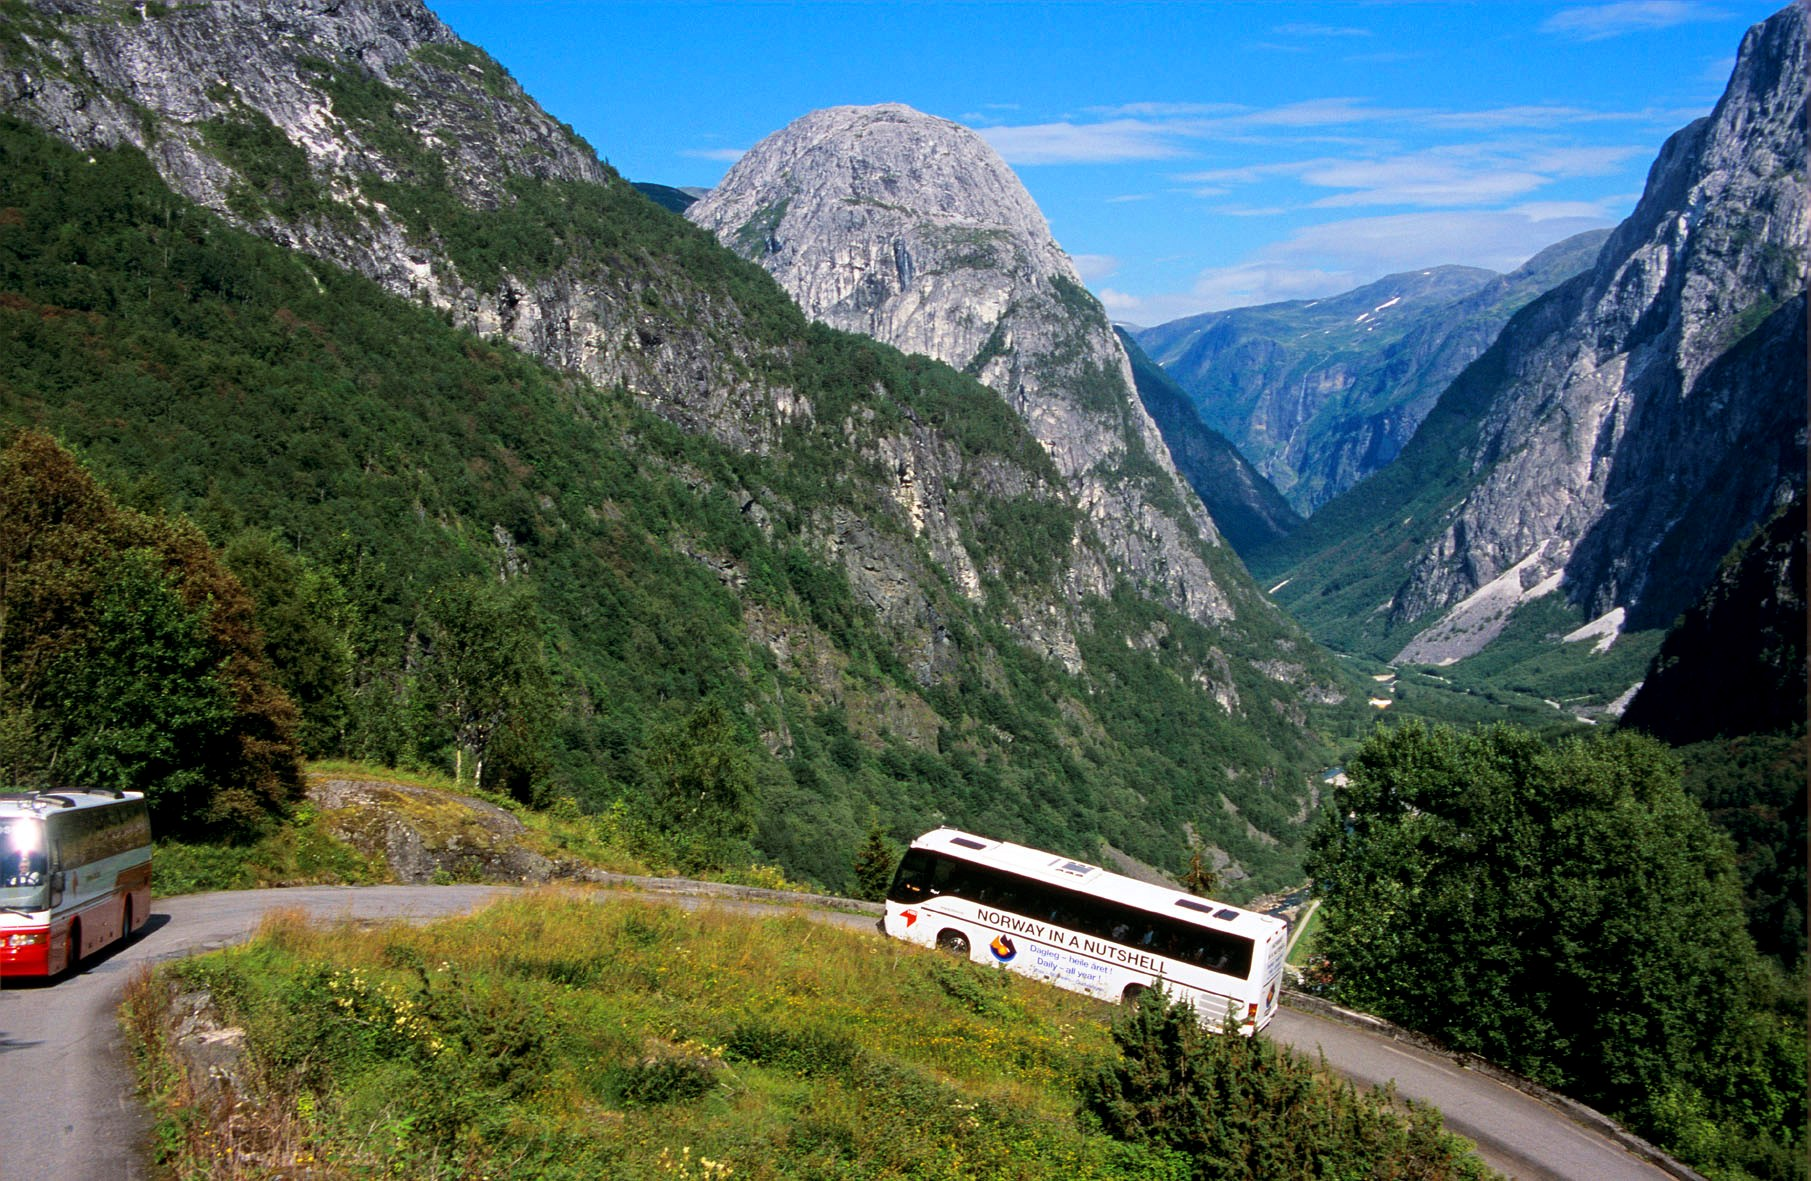 NINbussiStalheimskleiva.jpg